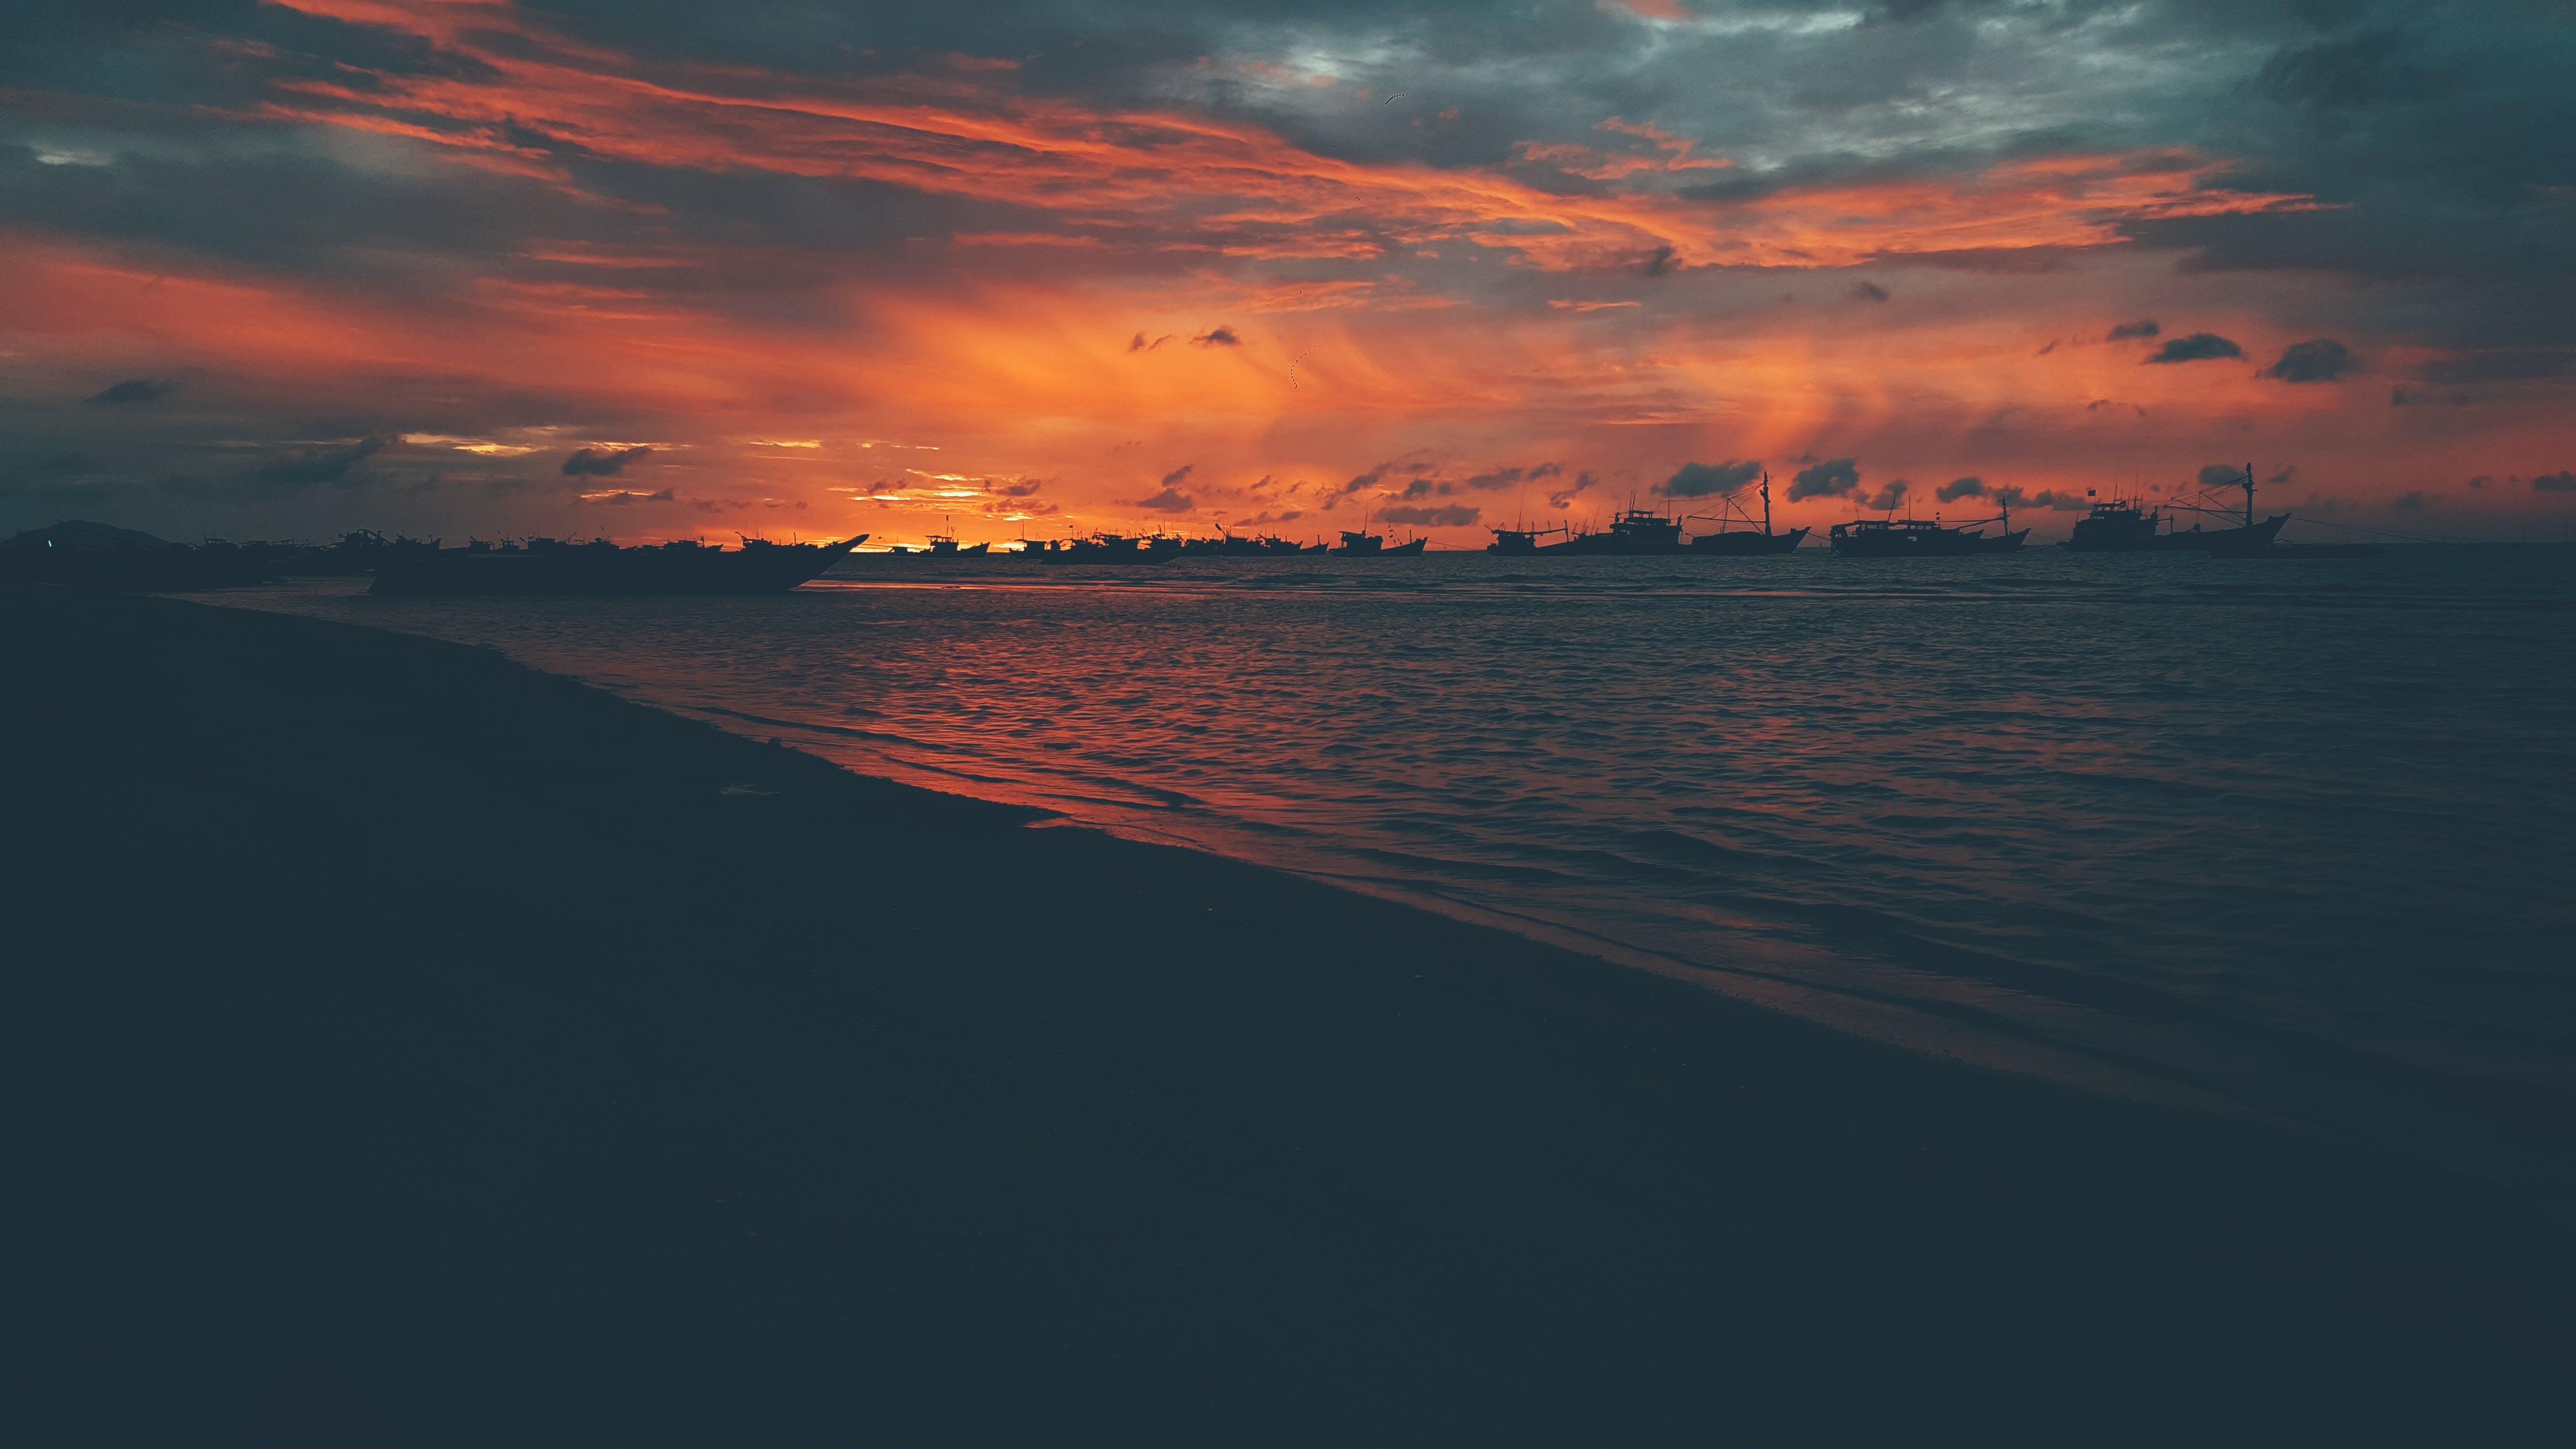 moře, oceán, oranžová obloha